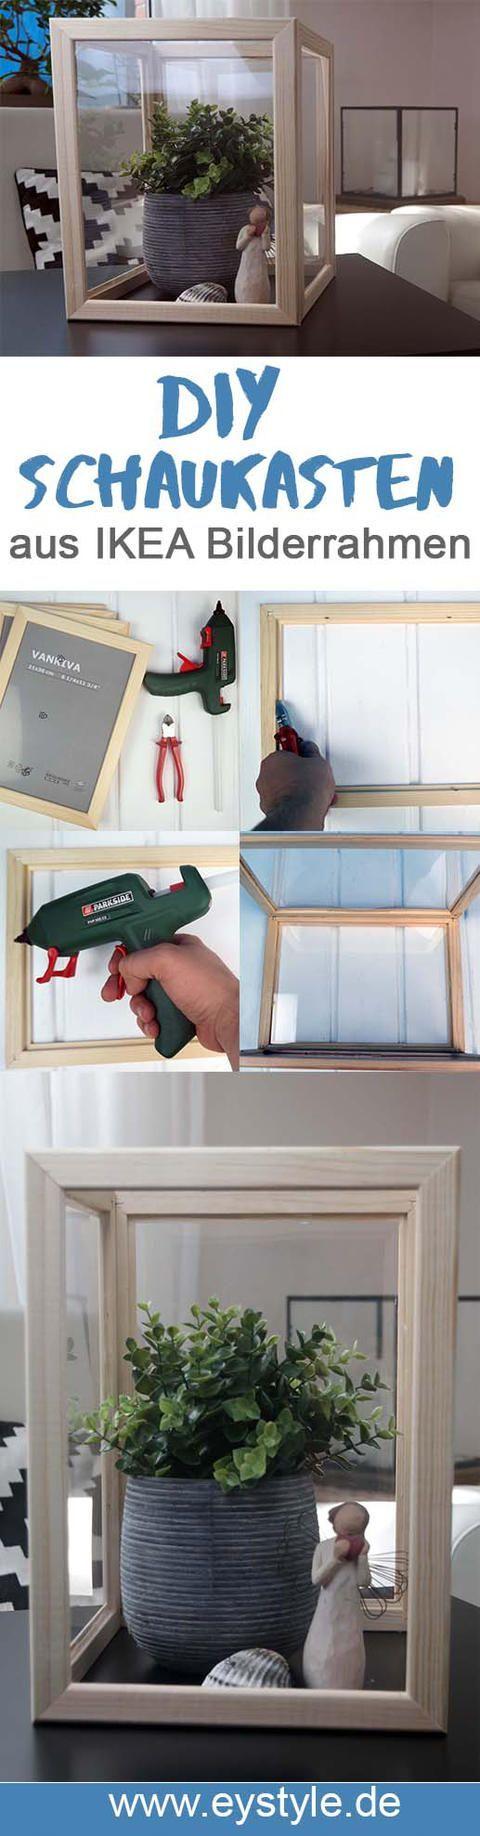 DIY Schaukasten selber machen – Super einfacher IKEA Hack